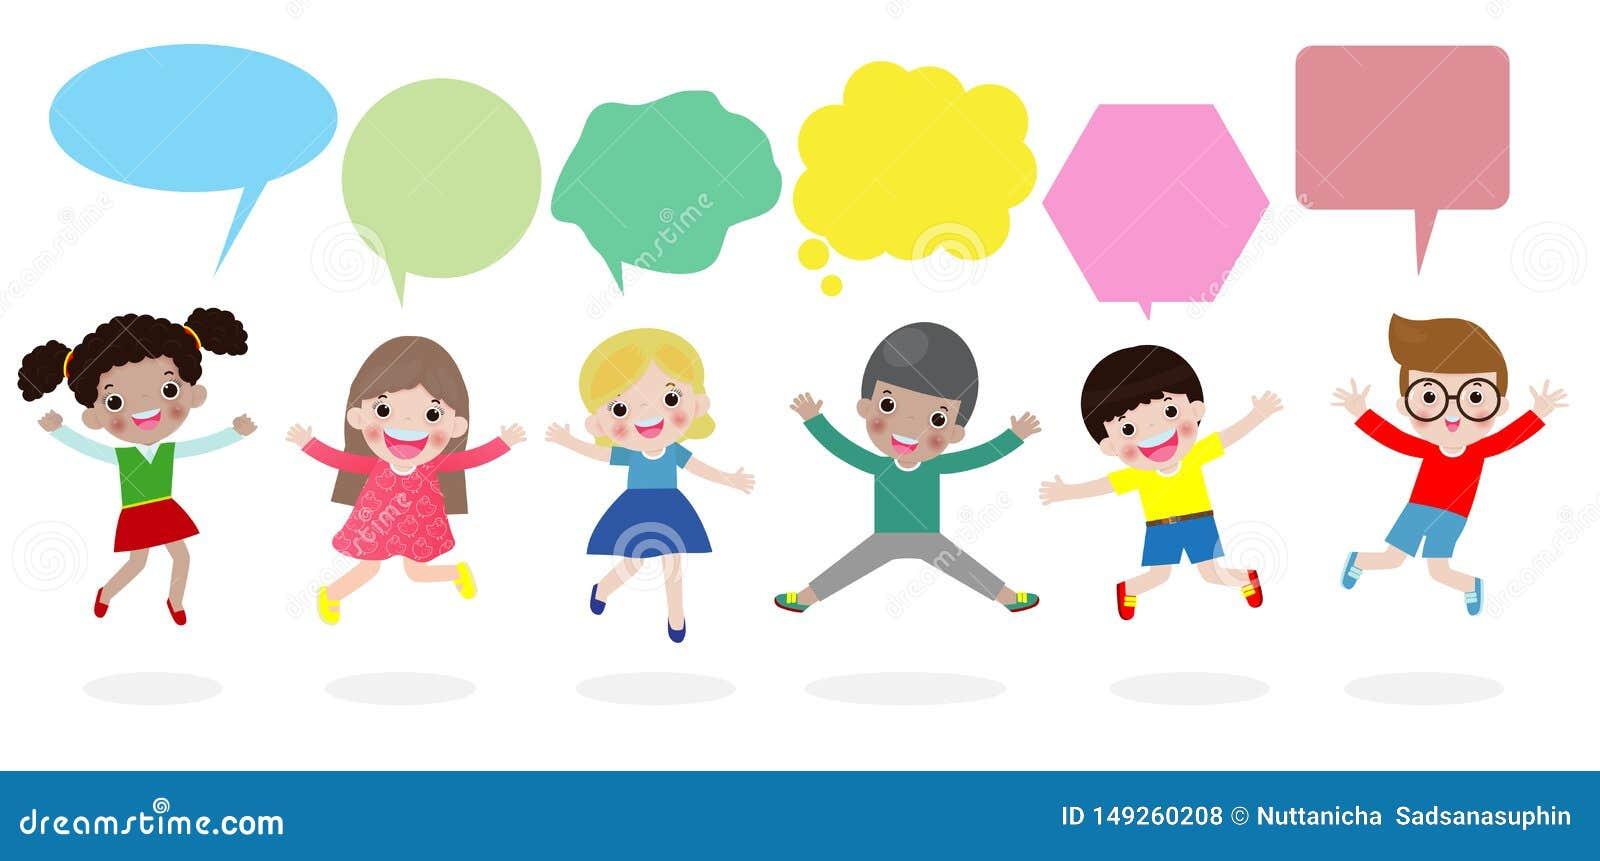 Gulliga ungar med anf?rande bubblar, stilfulla barn som hoppar med anf?randebubblan, barn som talar med anf?randeballongen hoppa